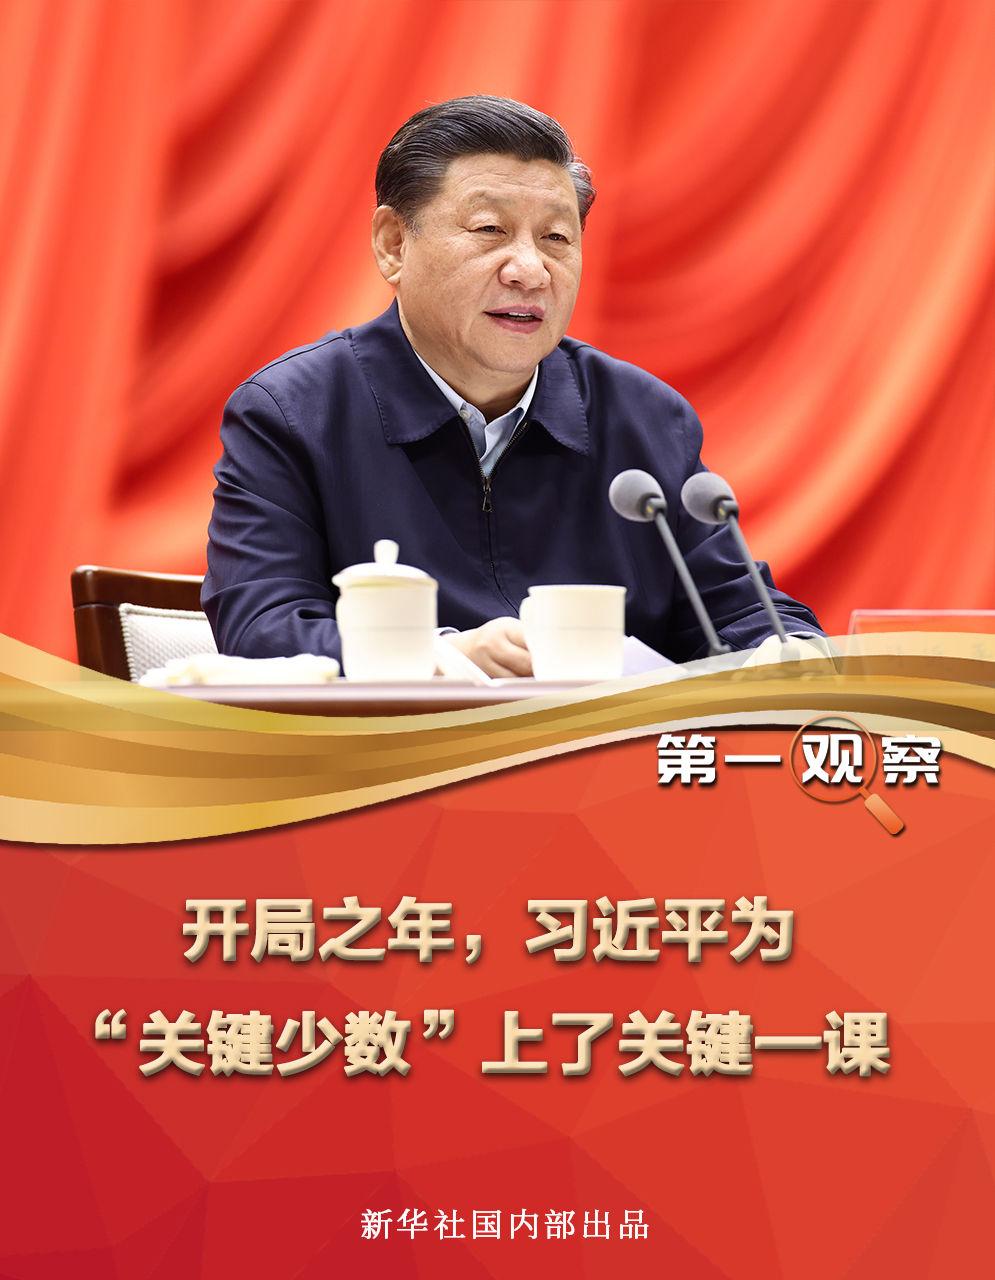 """南阳市启动劳动关系""""和谐同行""""能力提升行动 助推劳动关系和谐稳定"""